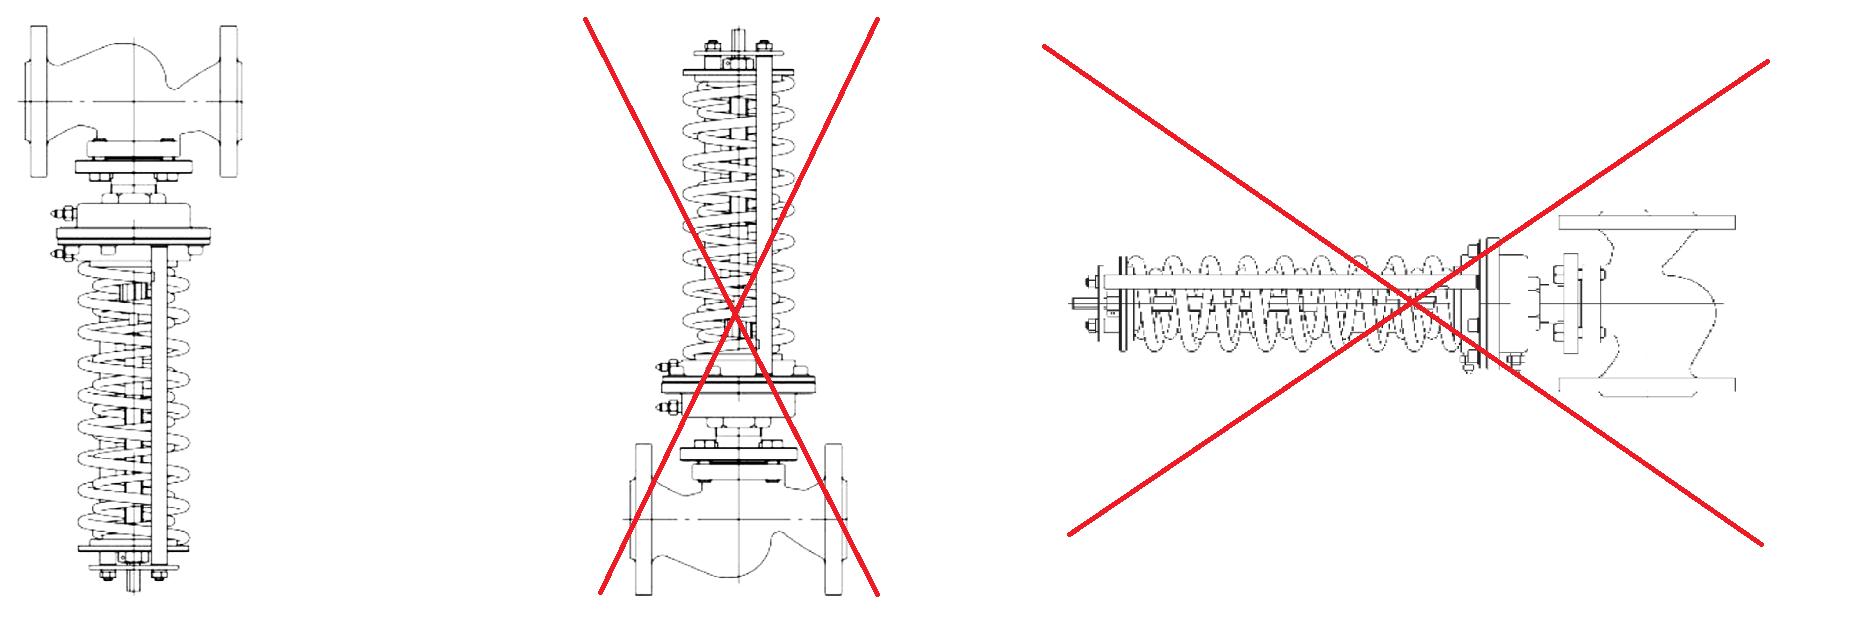 Монтажные положения регулятора на трубопроводе при температуре среды до 100°С